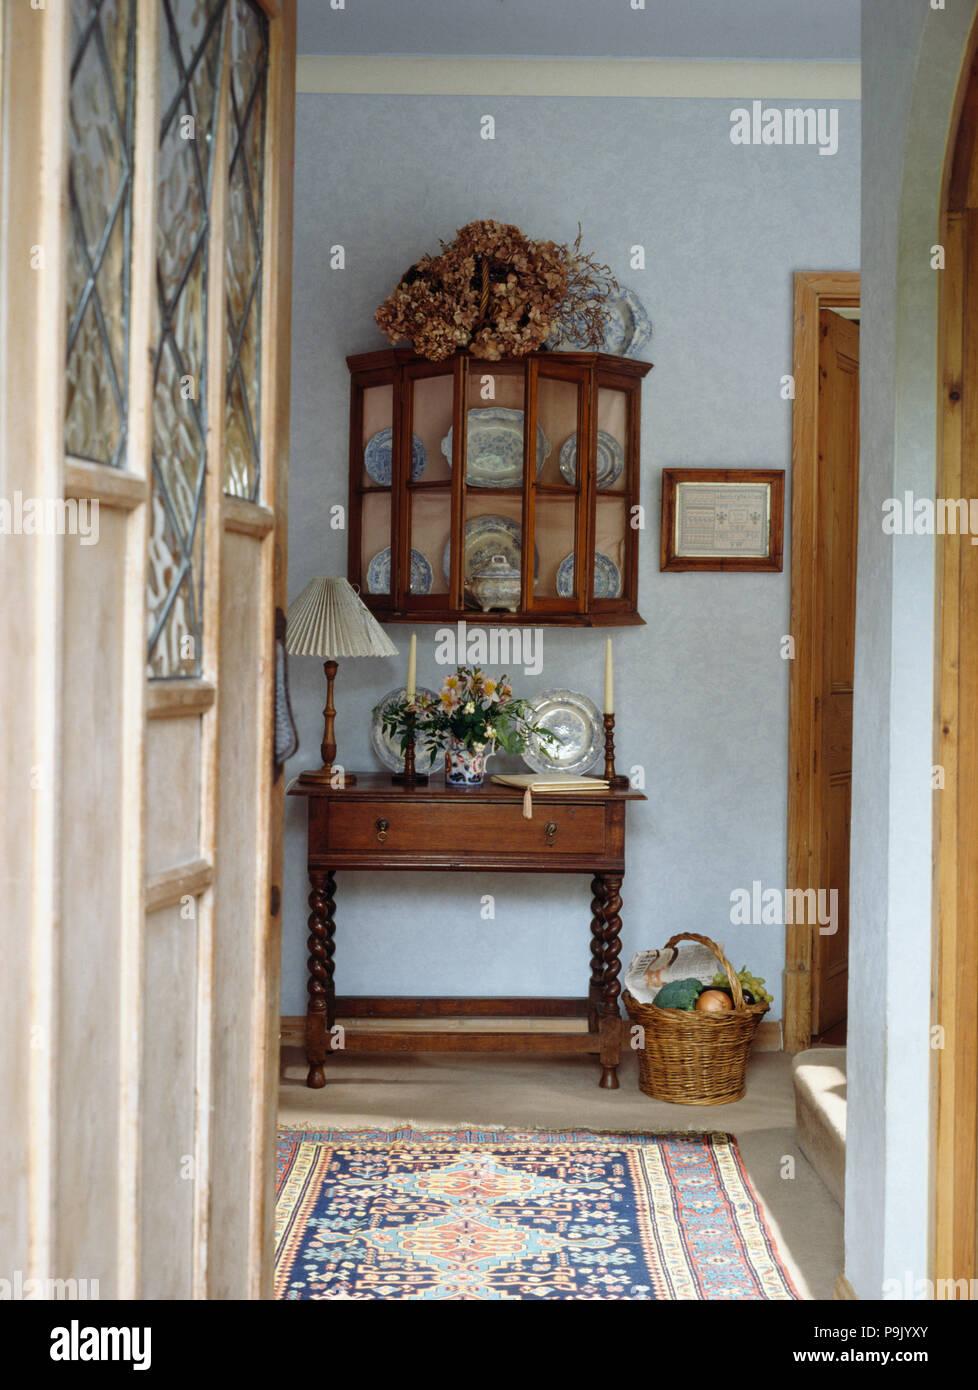 Door open to small blue hall with antique cupboard with glazed doors above  table - Door Open To Small Blue Hall With Antique Cupboard With Glazed Doors